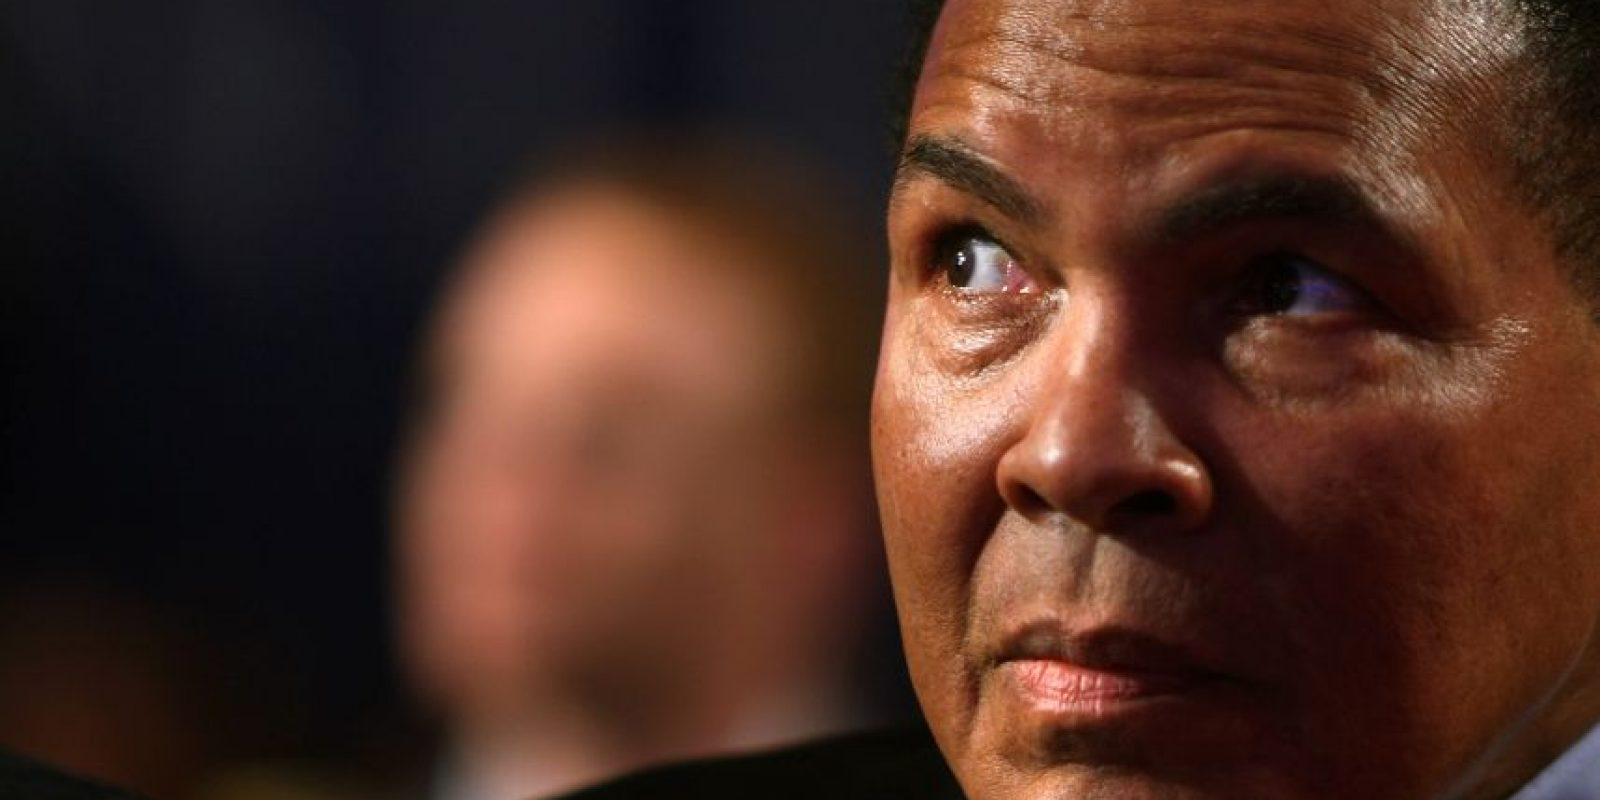 7) Lucha contra el ParkinsonAli fue diagnosticado con el síndrome de Parkinson en 1984, a la edad de 42. Comenzó a mostrar síntomas de la enfermedad poco después de retirarse del ring de boxeo en 1981. Esta enfermedad llevó a una disminución gradual en la salud de Ali, a pesar de que todavía estaba activo y era visto en eventos como las inauguraciones de 1996 de los Juegos Olímpicos de Atlanta y de los Juegos Olímpicos en Londres de 2012. Después de ser diagnosticado con la enfermedad, el exboxeador abrió el Centro de Parkinson Muhammad Ali. Foto:Fuente Externa